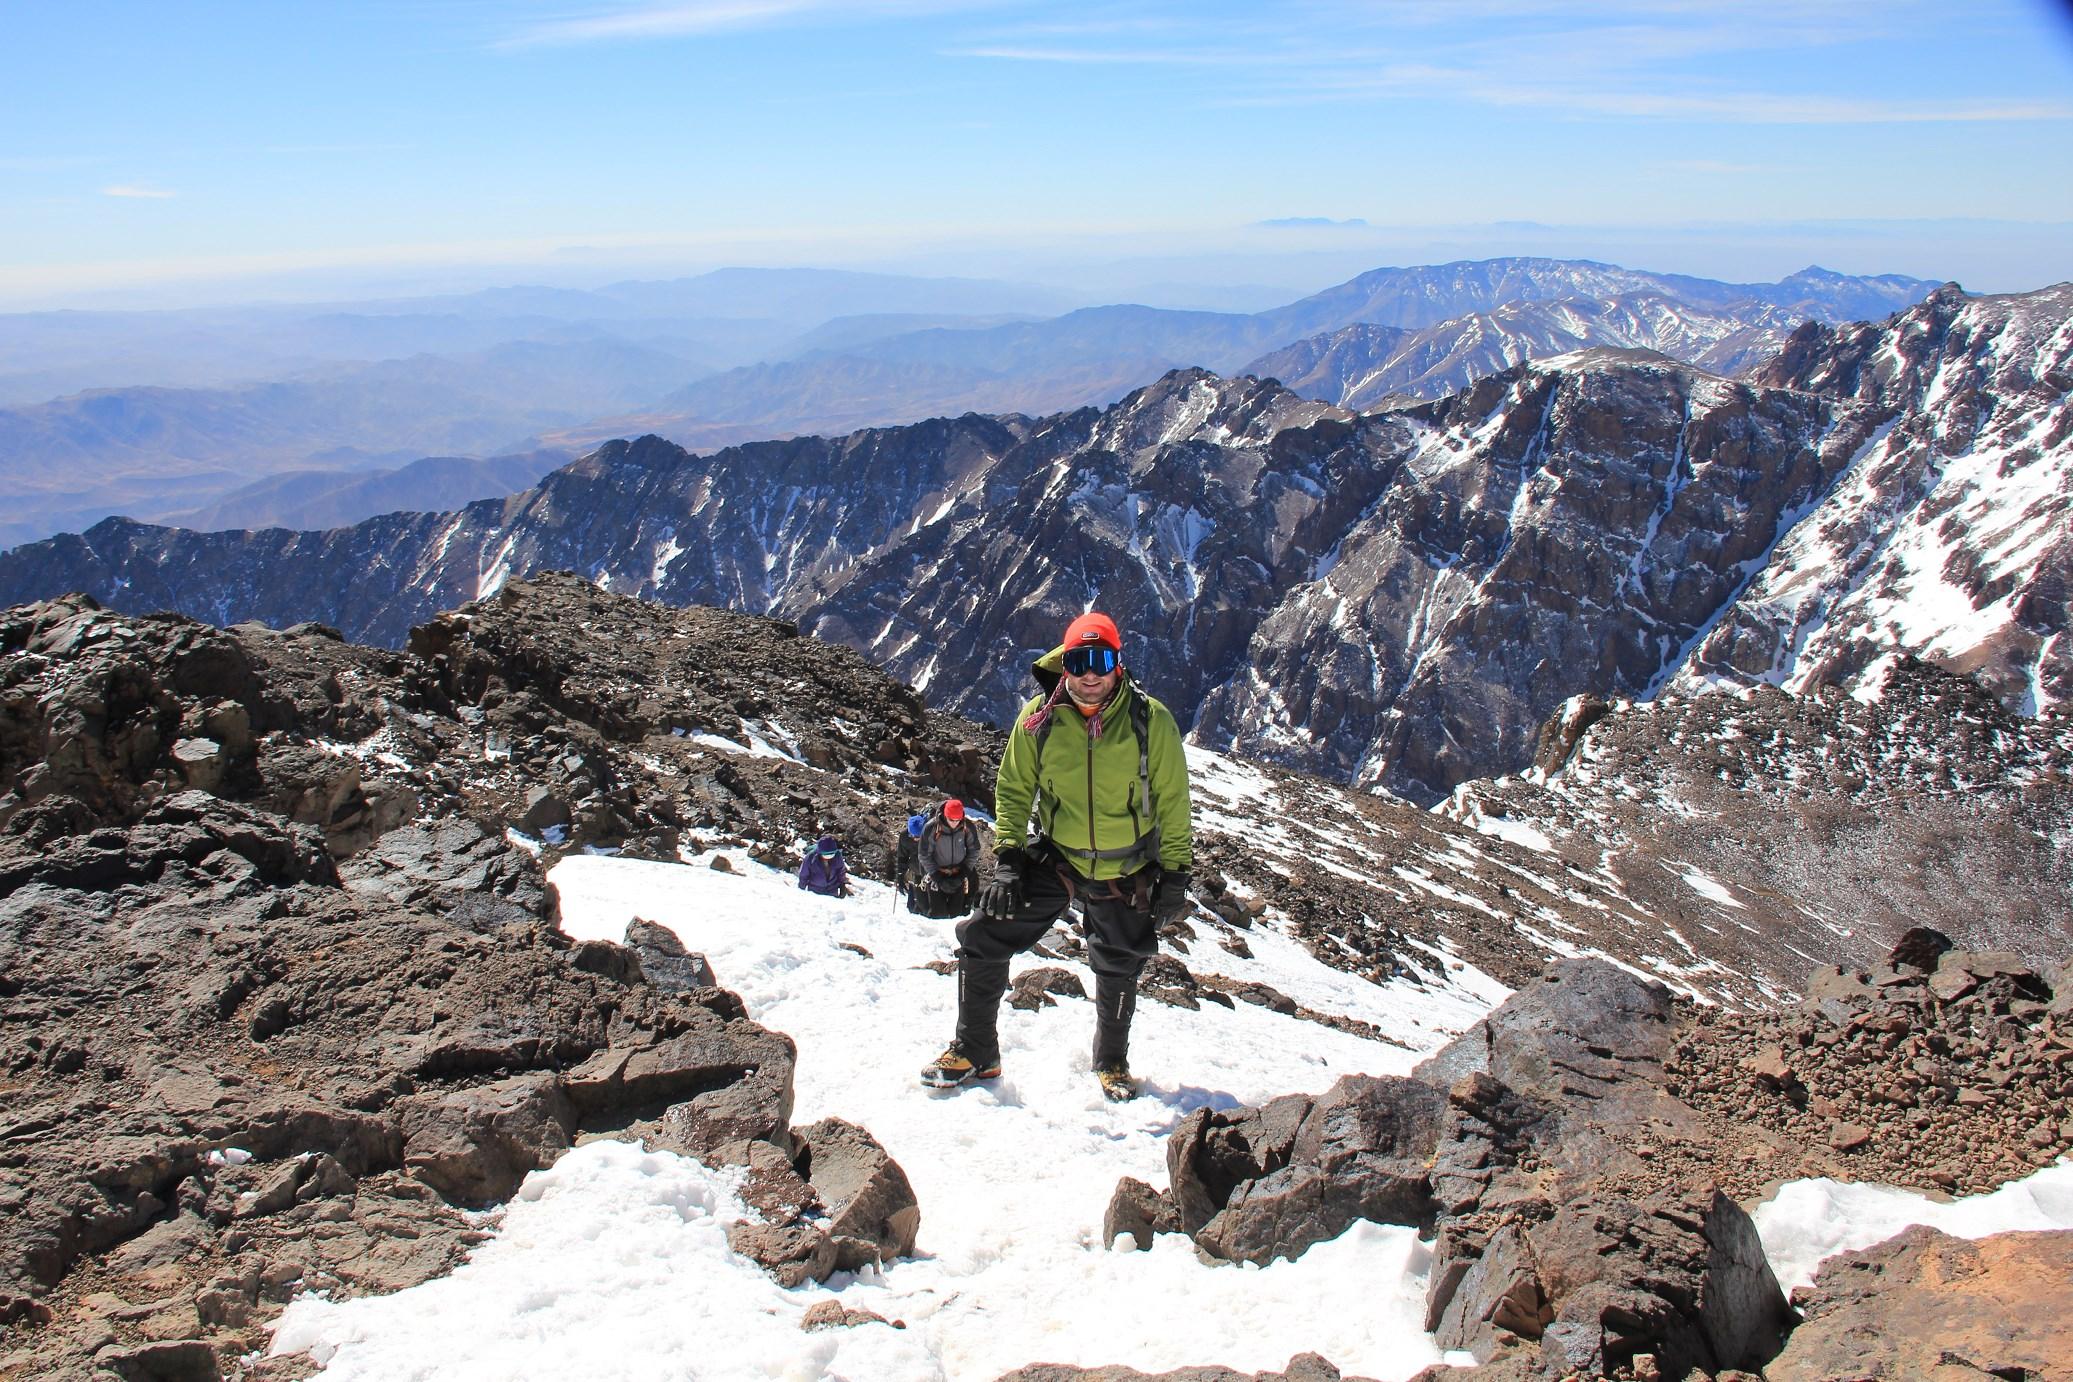 https://www.adventurealternative.com/media/1793/atlast-climb-toubkal-winter.jpg